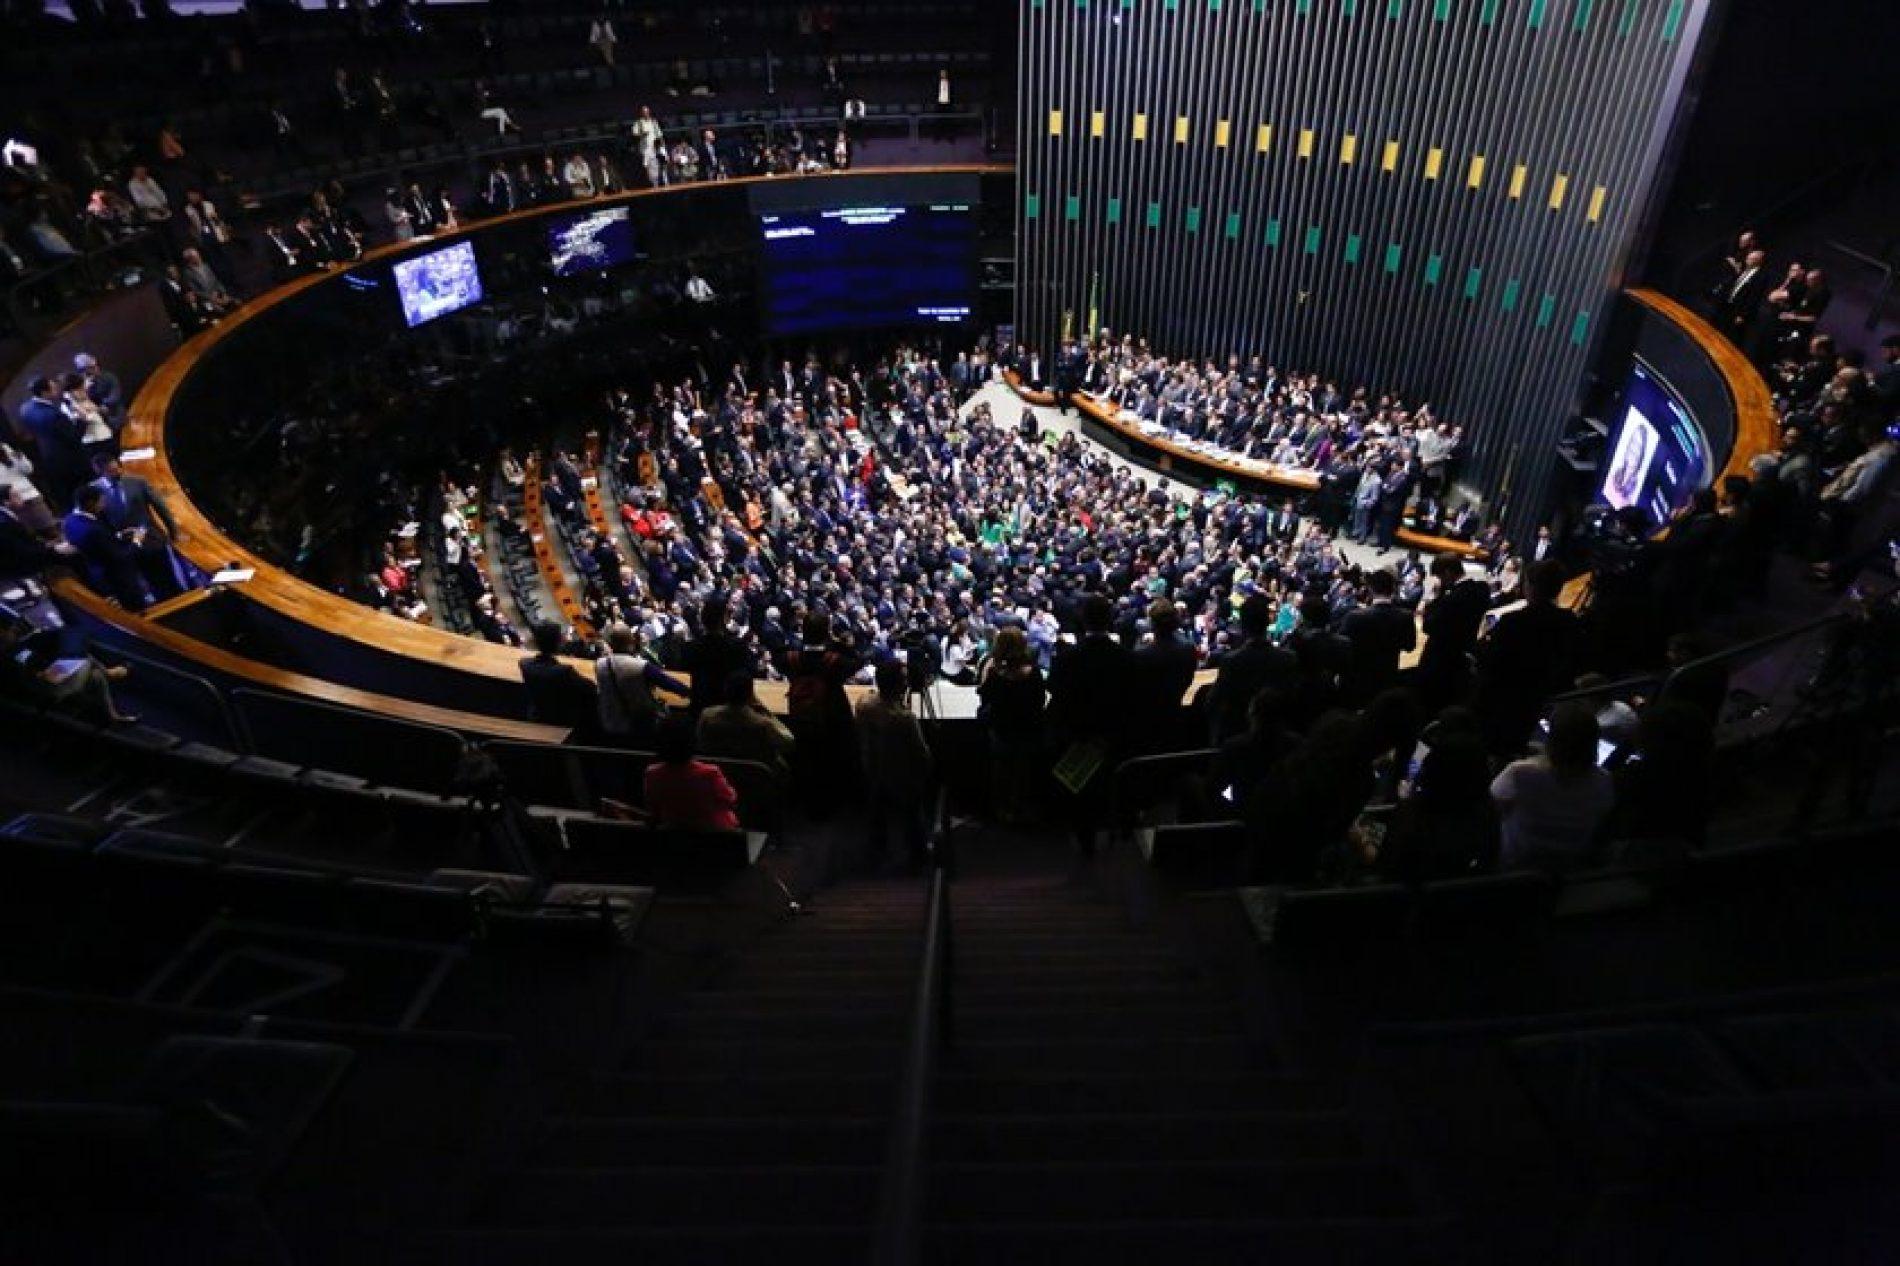 Para 83% dos deputados, reforma da Previdência não sai em 2017